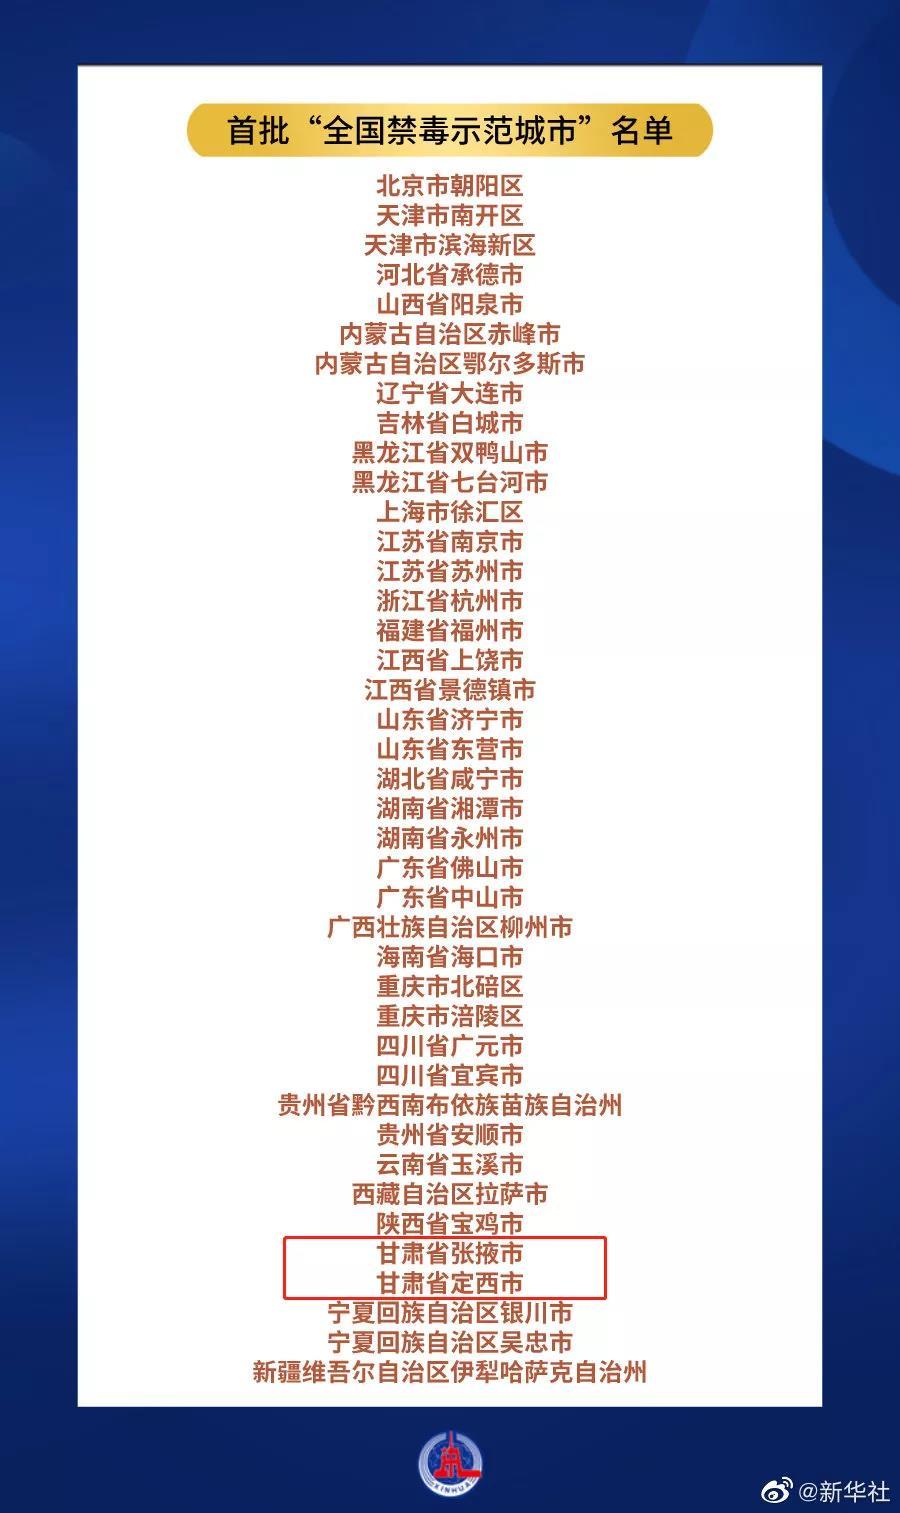 首批全国禁毒示范城市名单公布 甘肃两地上榜